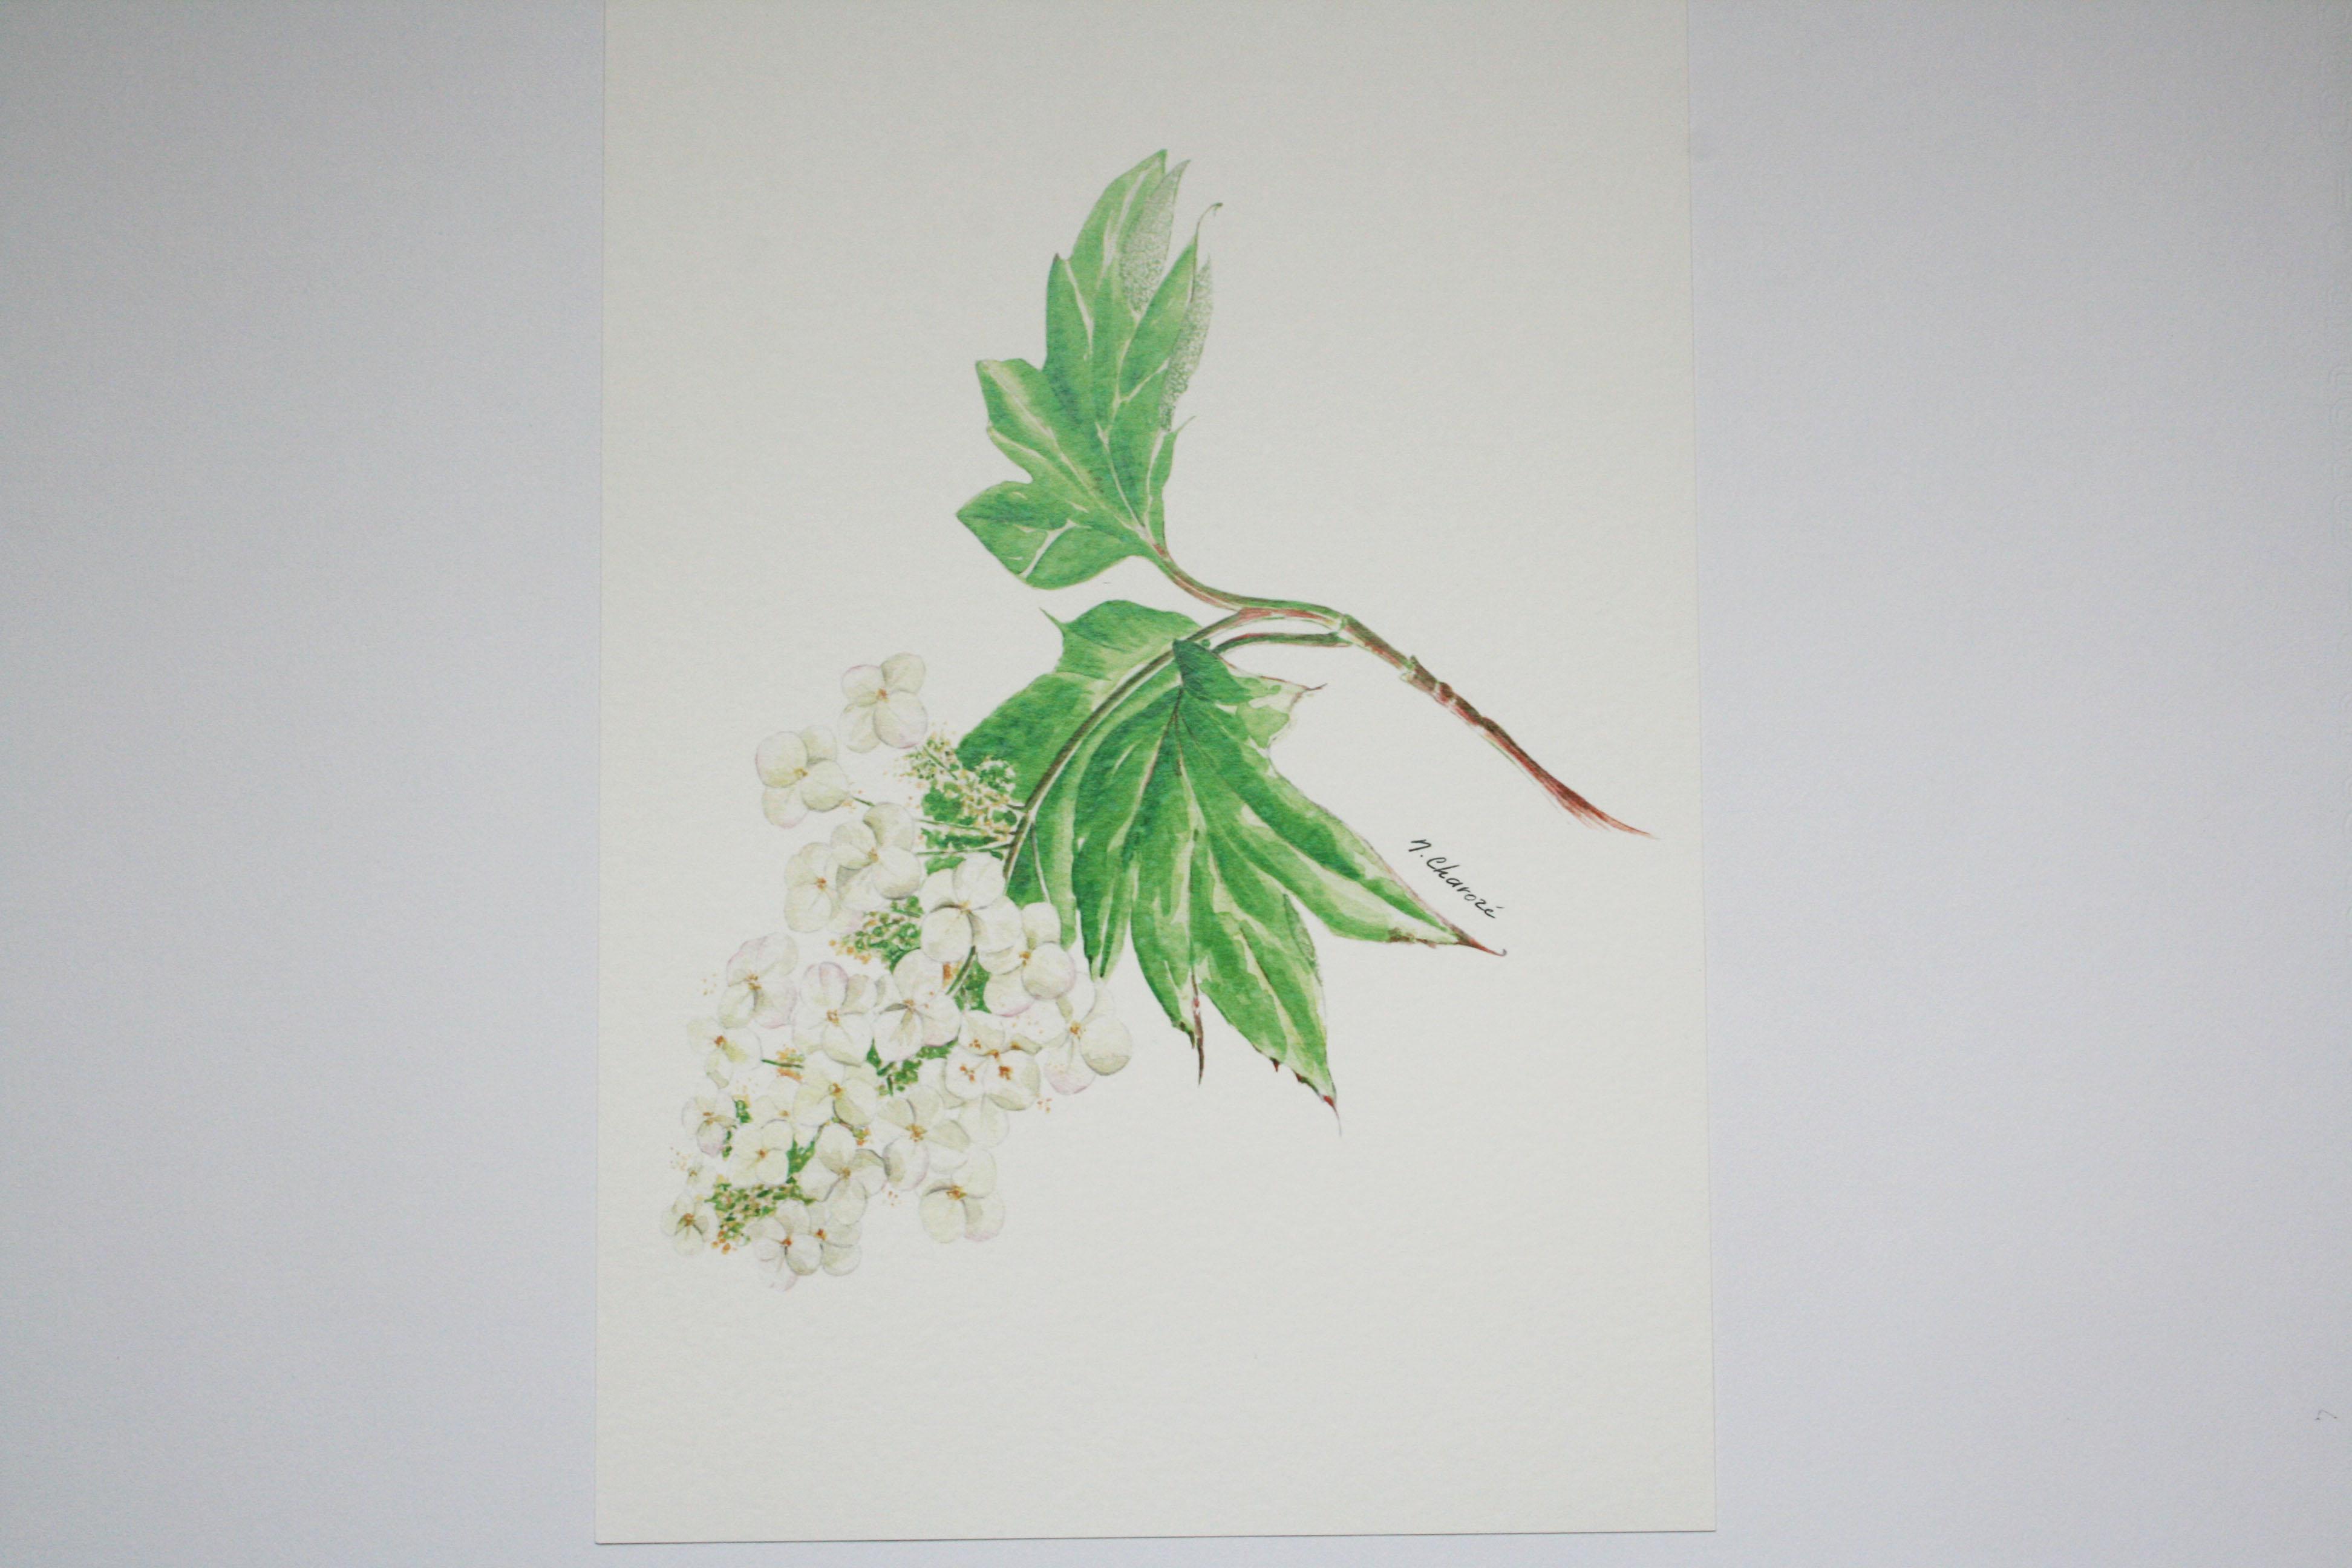 Hortensia à feuille de chêne